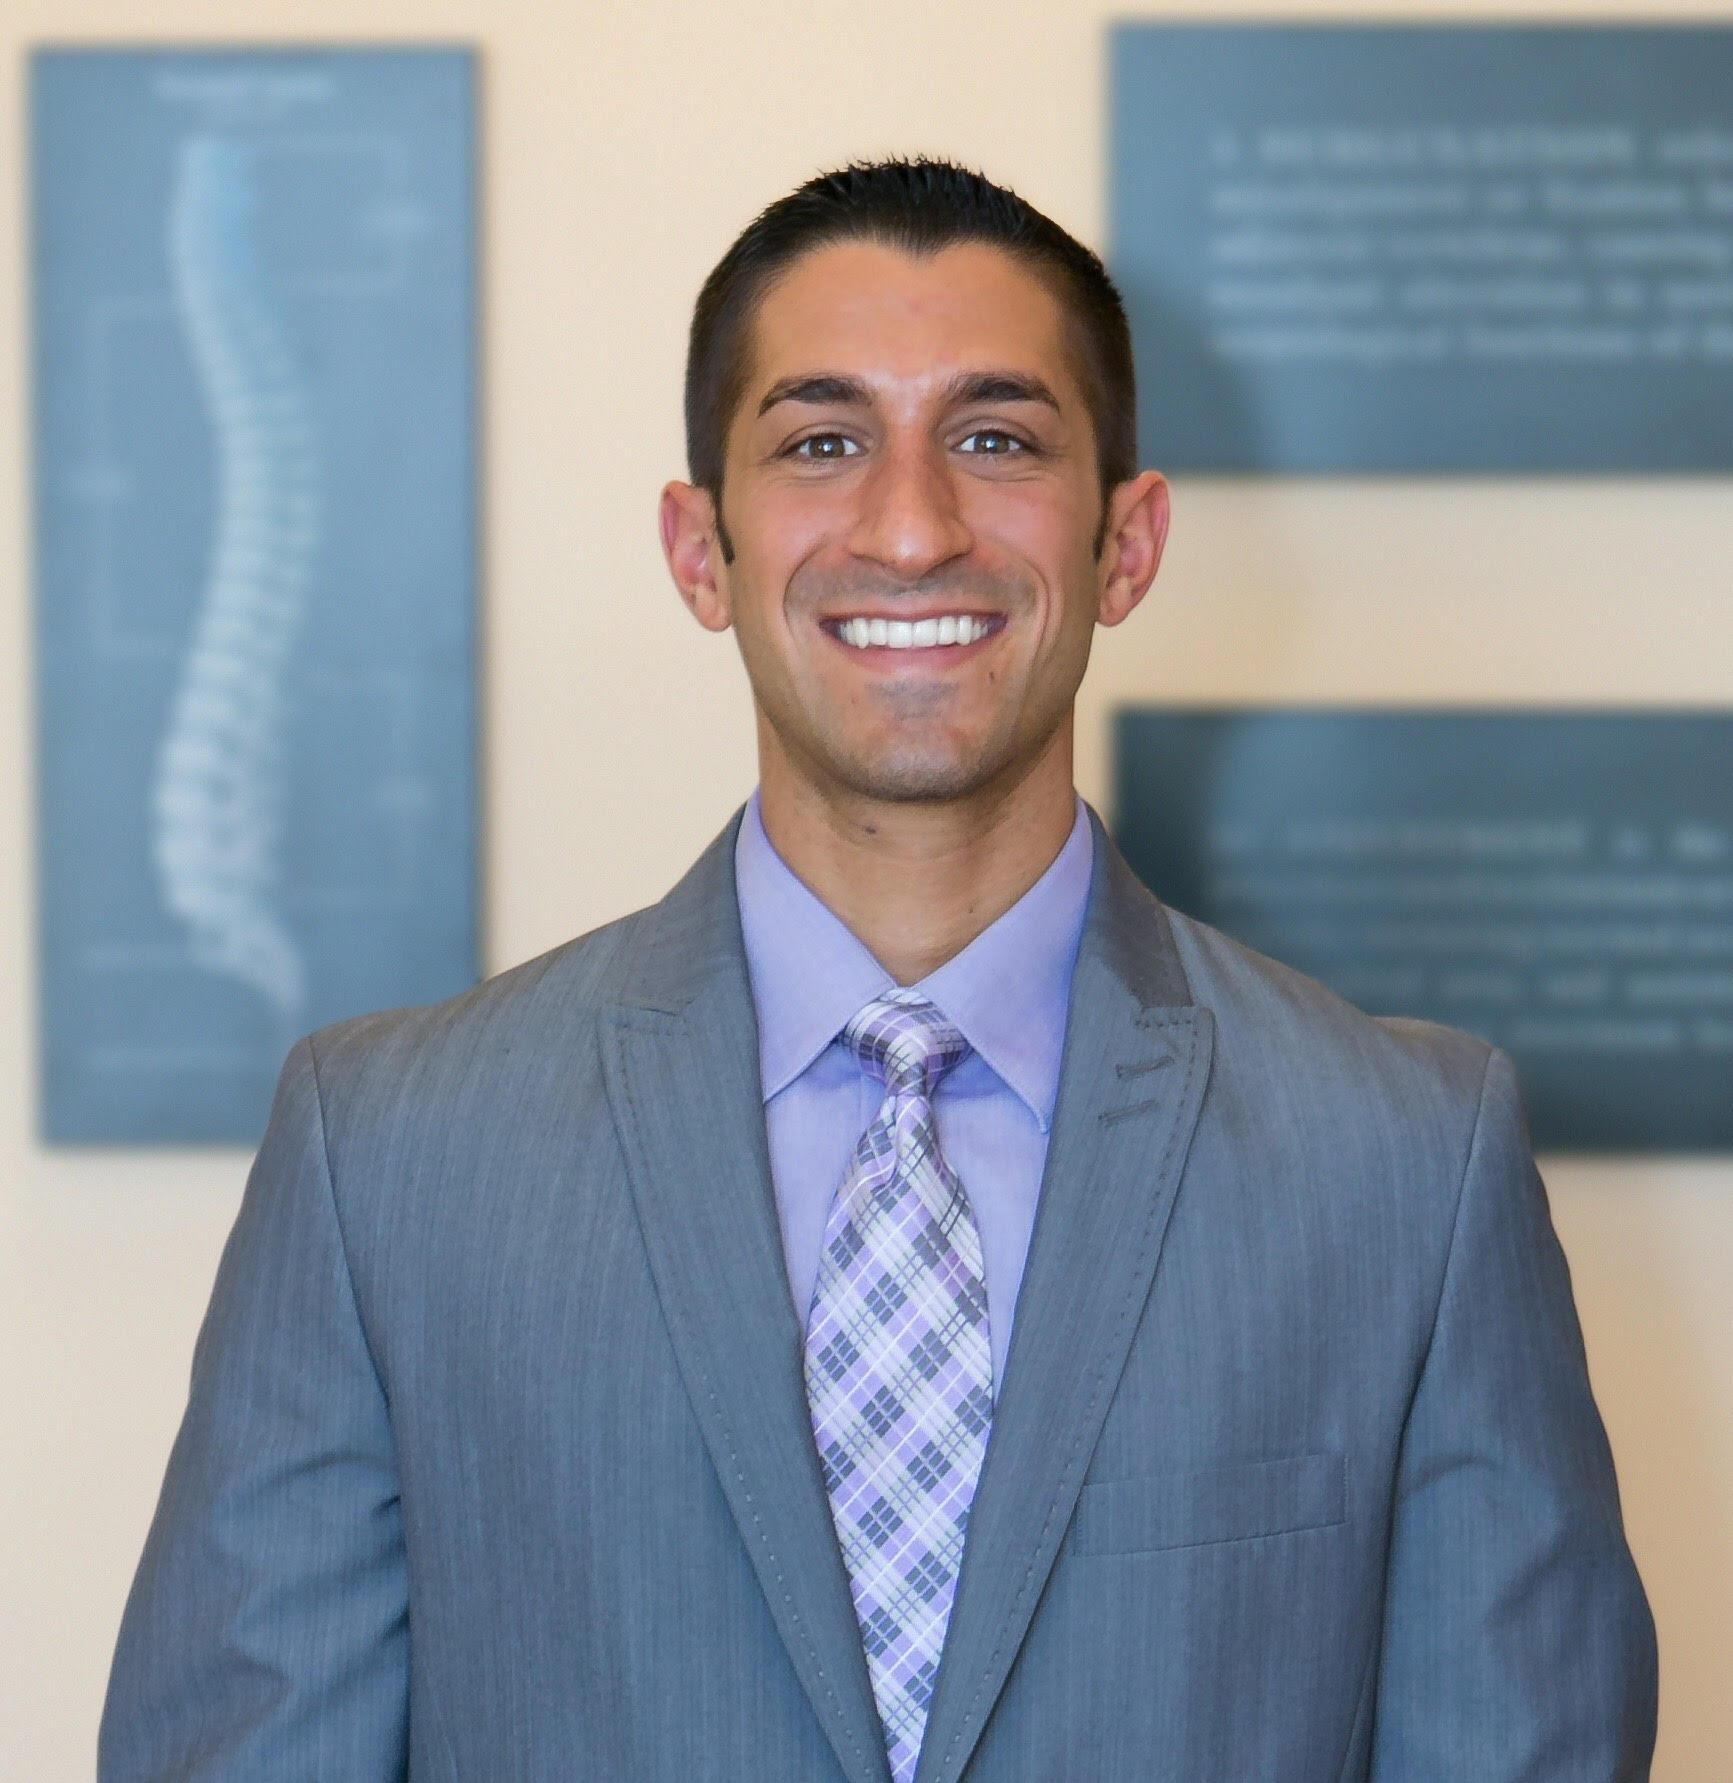 Dr. Matt McNab